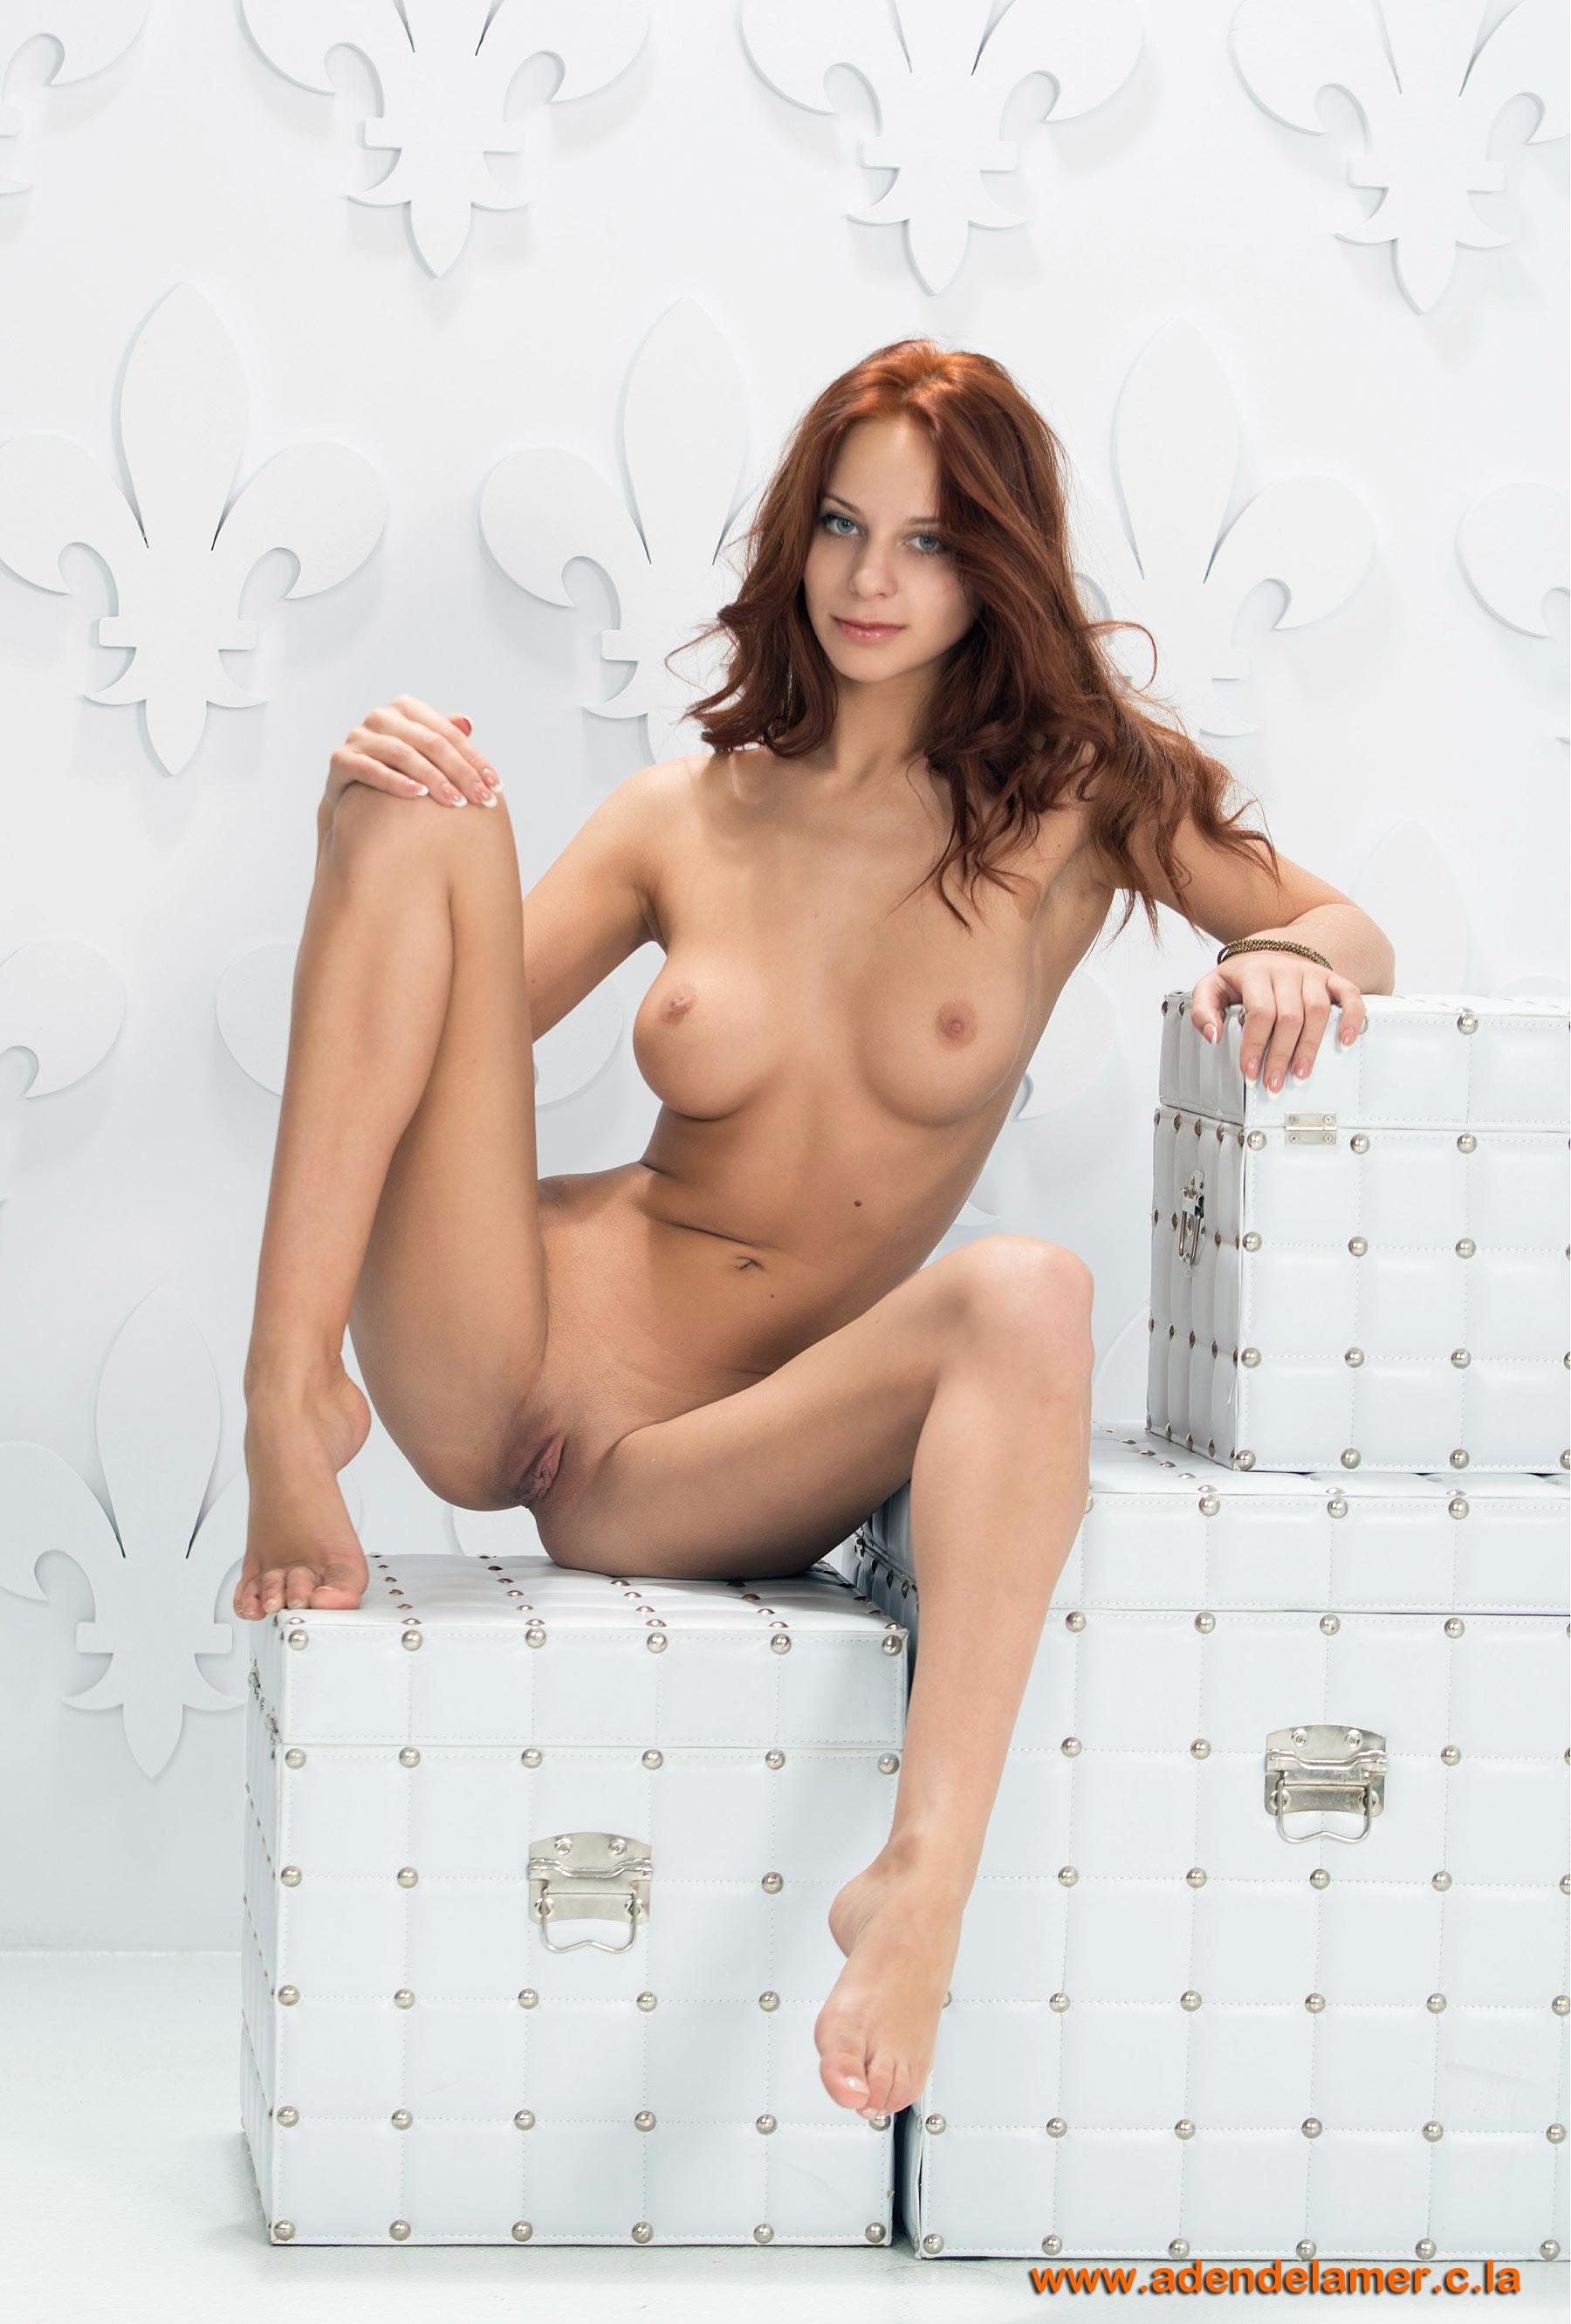 Широко расставленные ноги красивой женщины фото 17 фотография